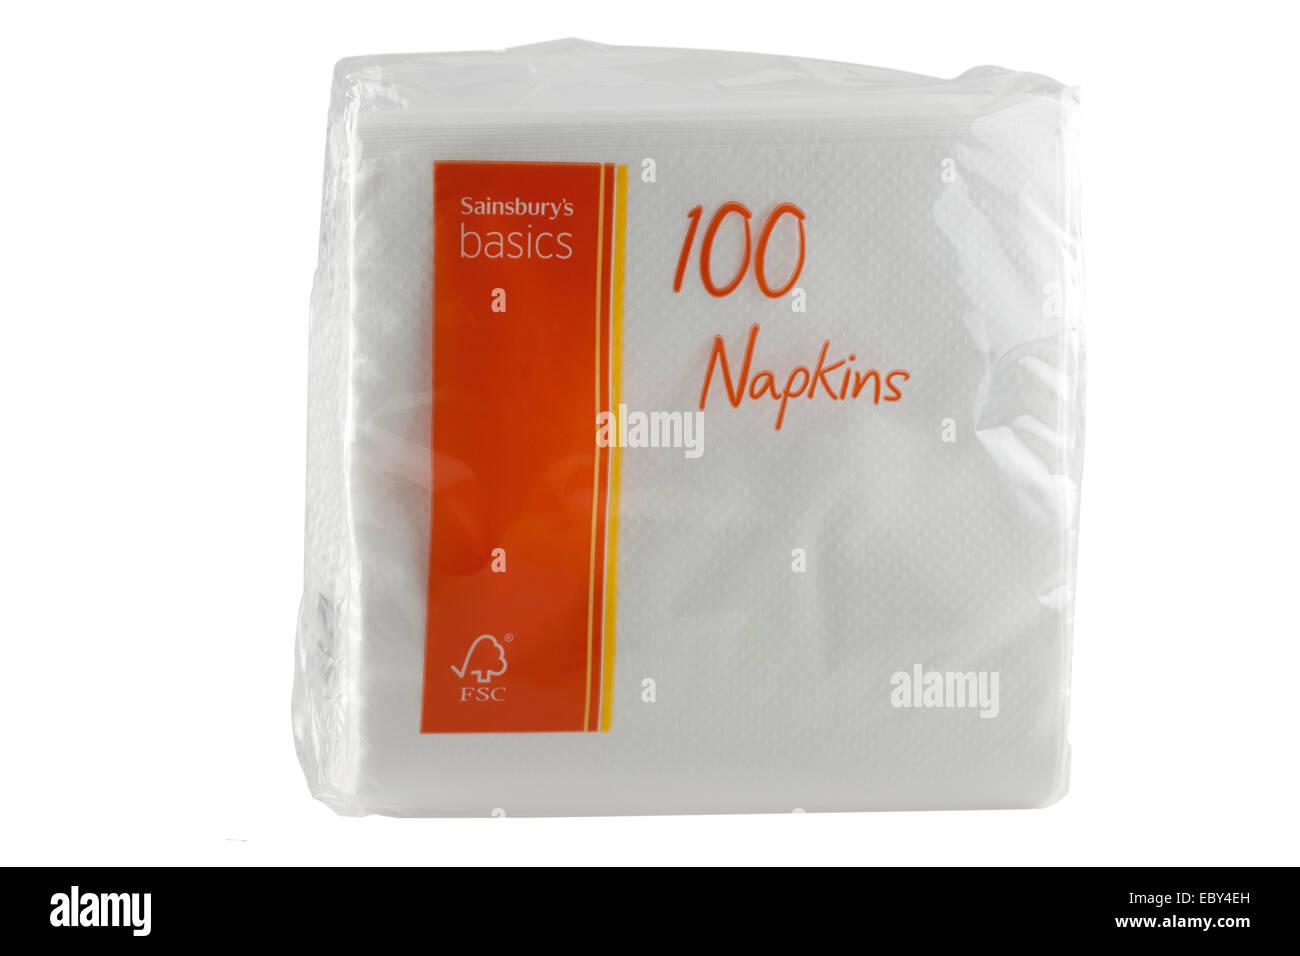 Packet Sainsburys basics 100 napkins - Stock Image